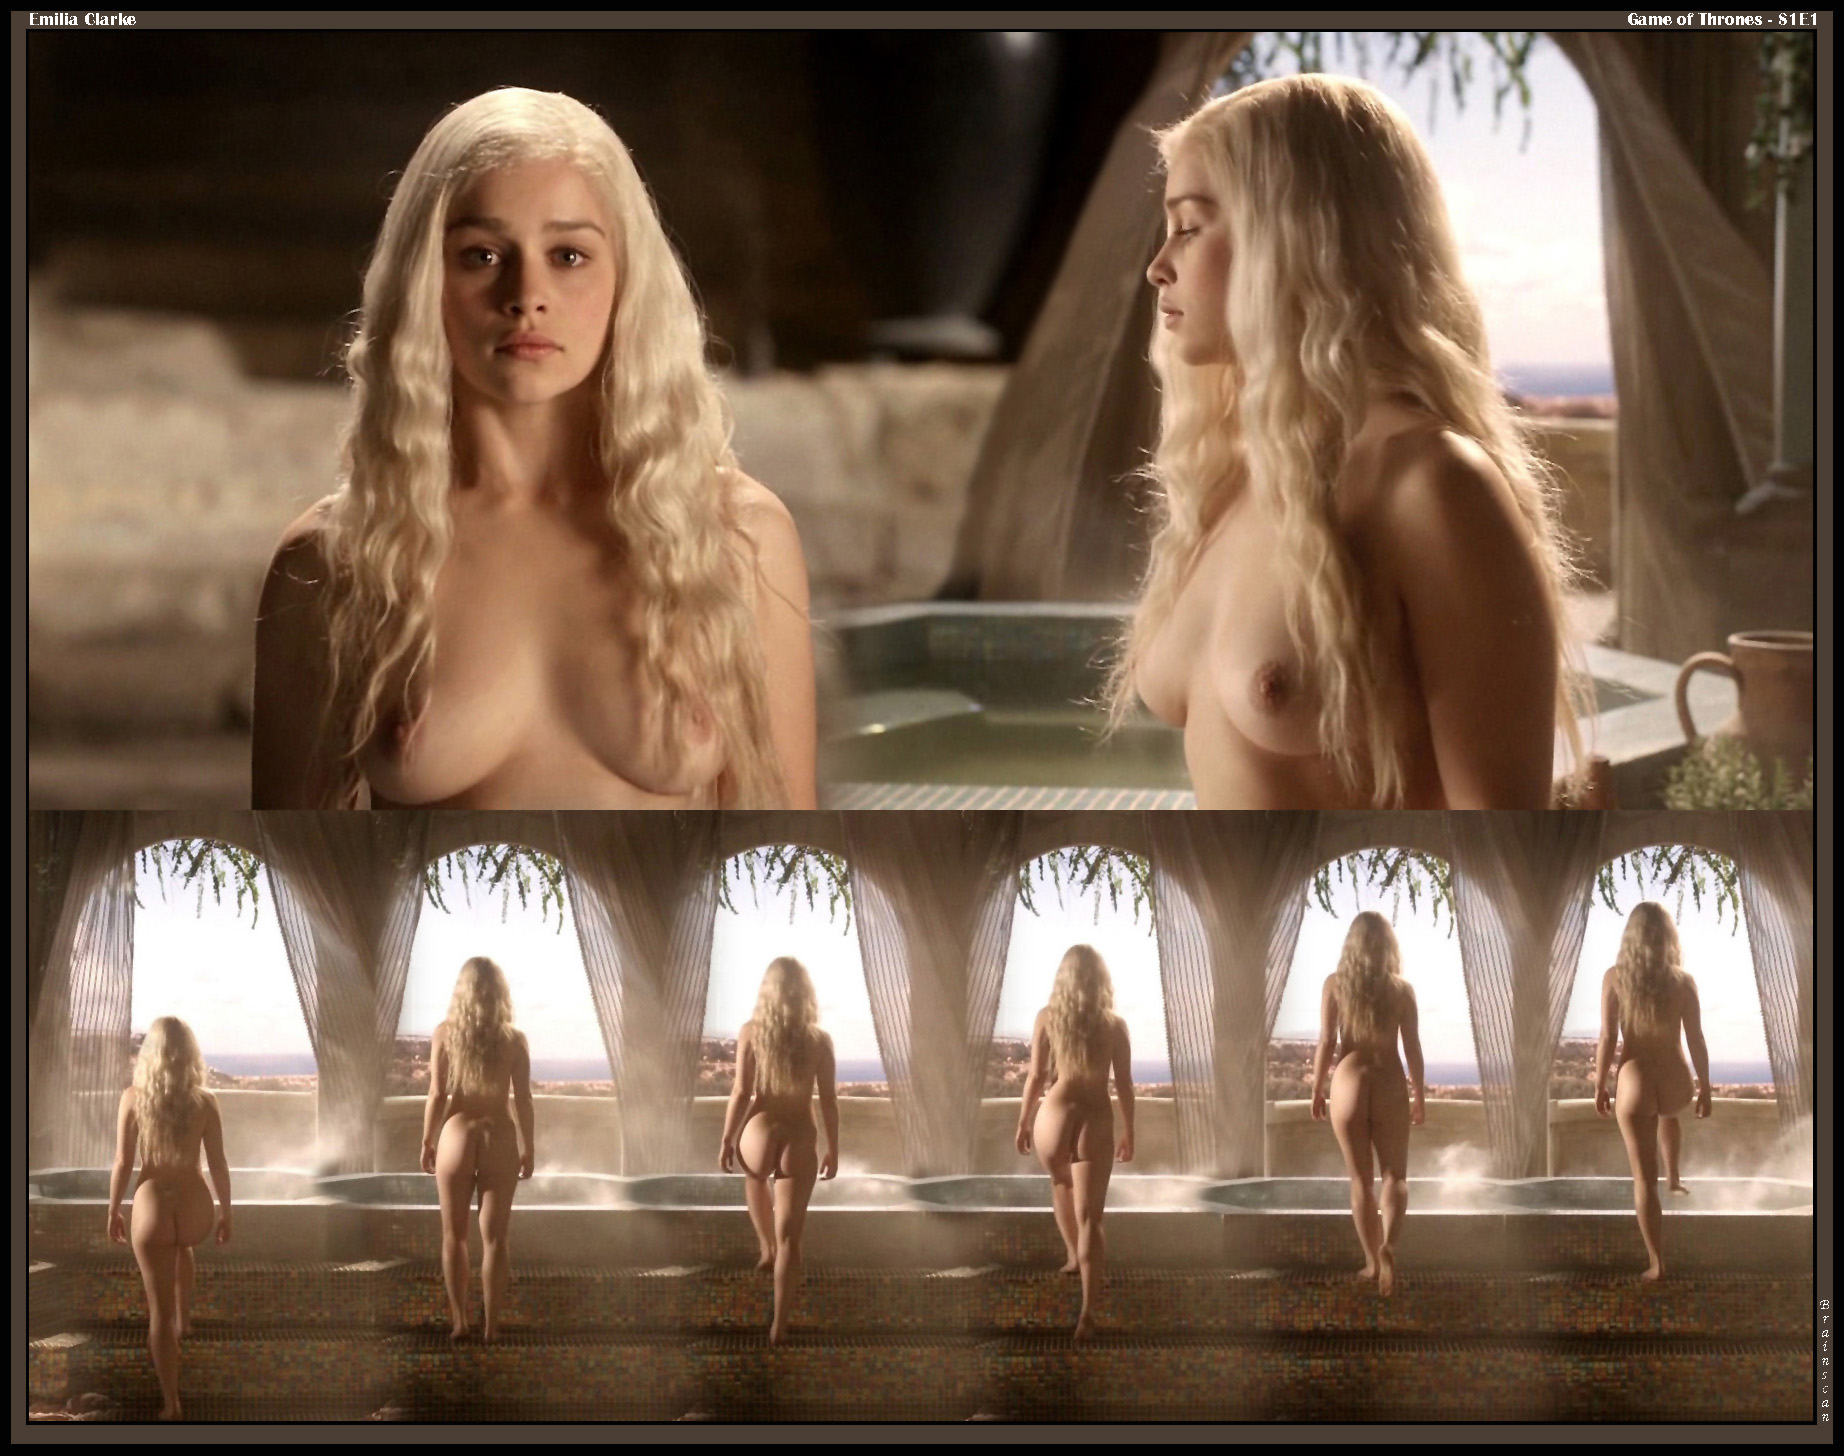 Emilia clarke games of thrones 3